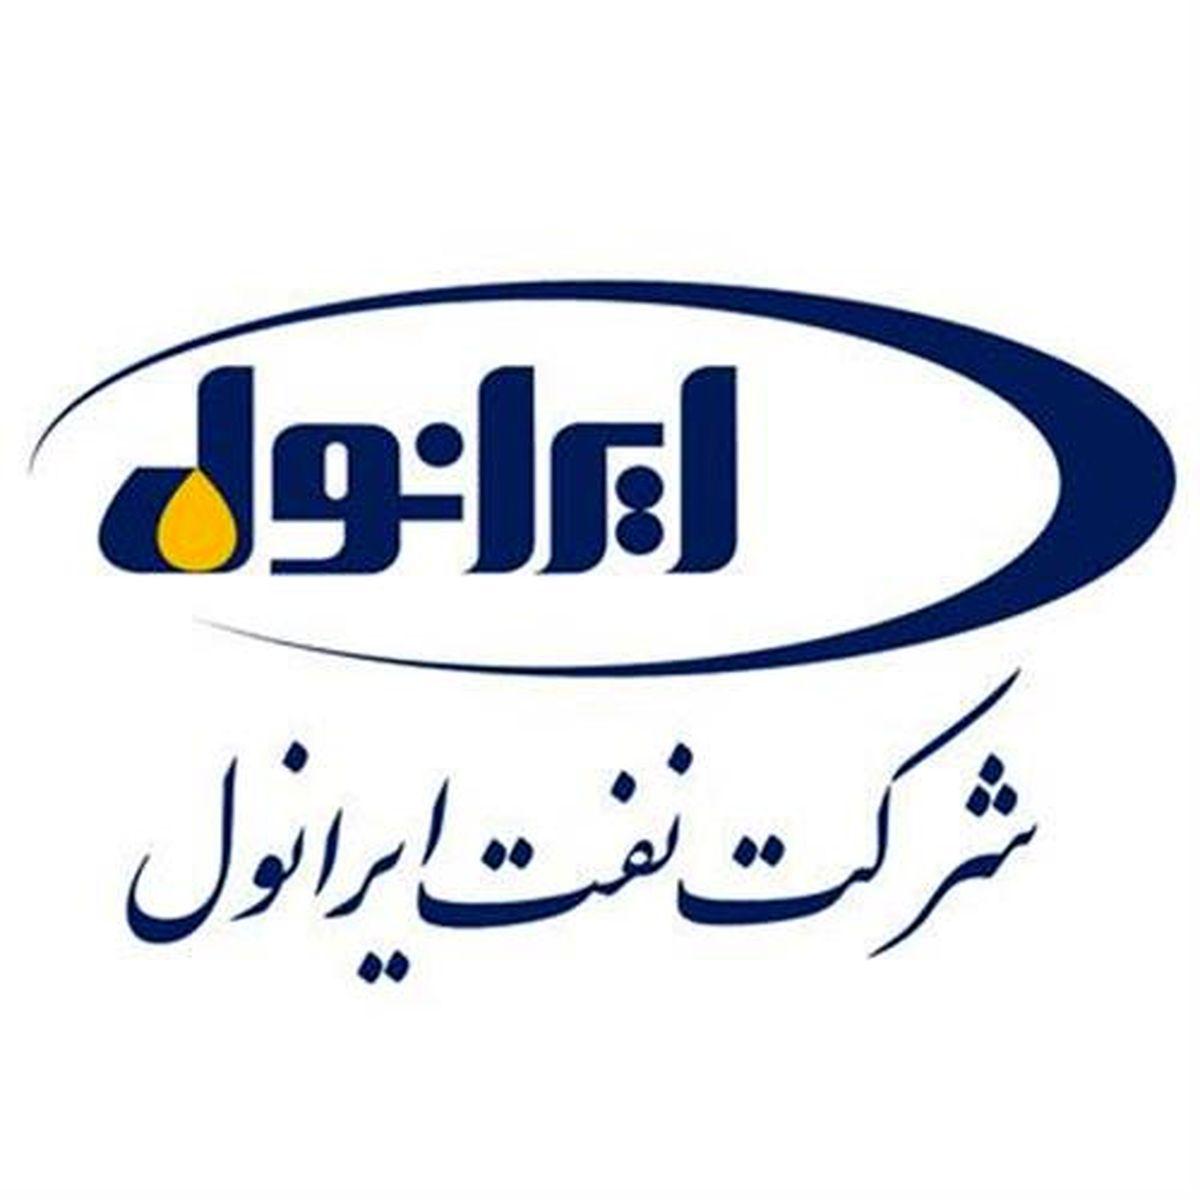 بازدید مدیران ارشد بورس کالا از پالاشگاه روغن سازی تهران/ عرضه تمامی محصولات ایرانول در بورس کالا